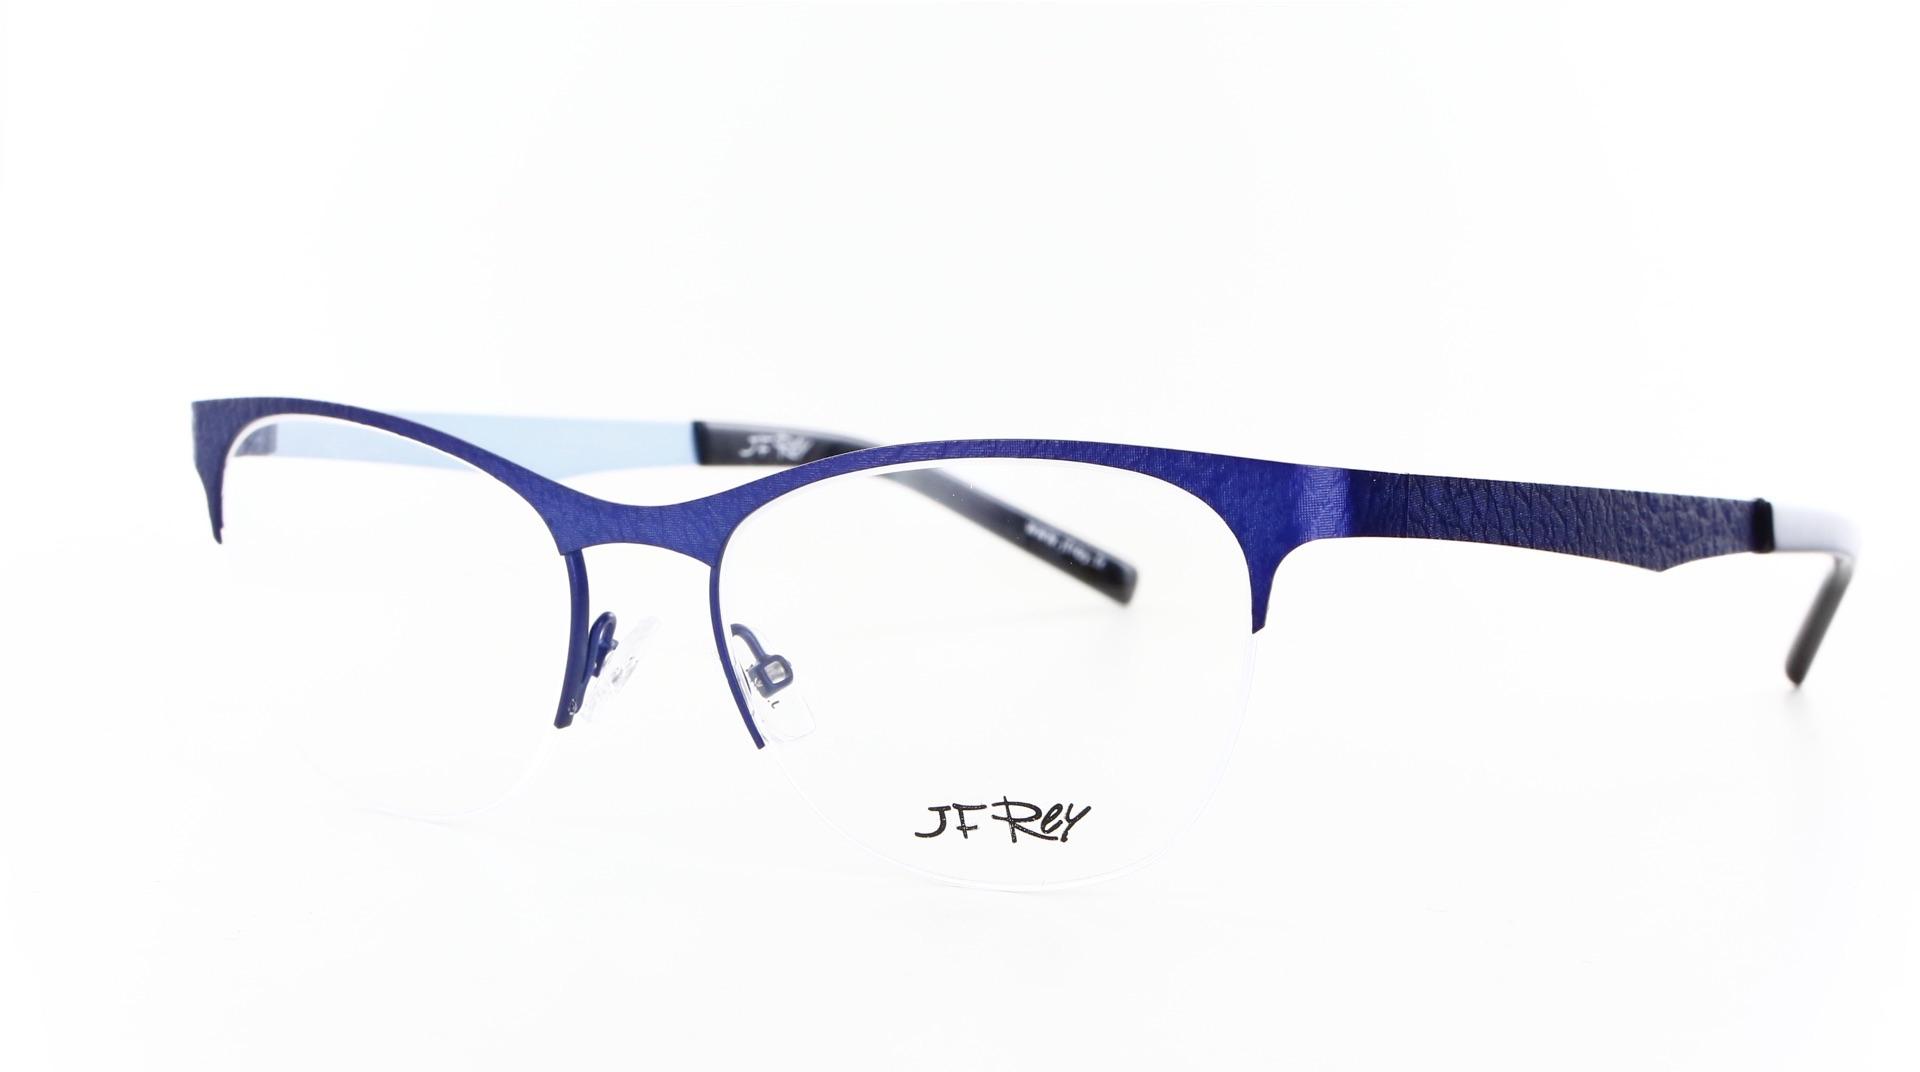 J.F. Rey - ref: 77696